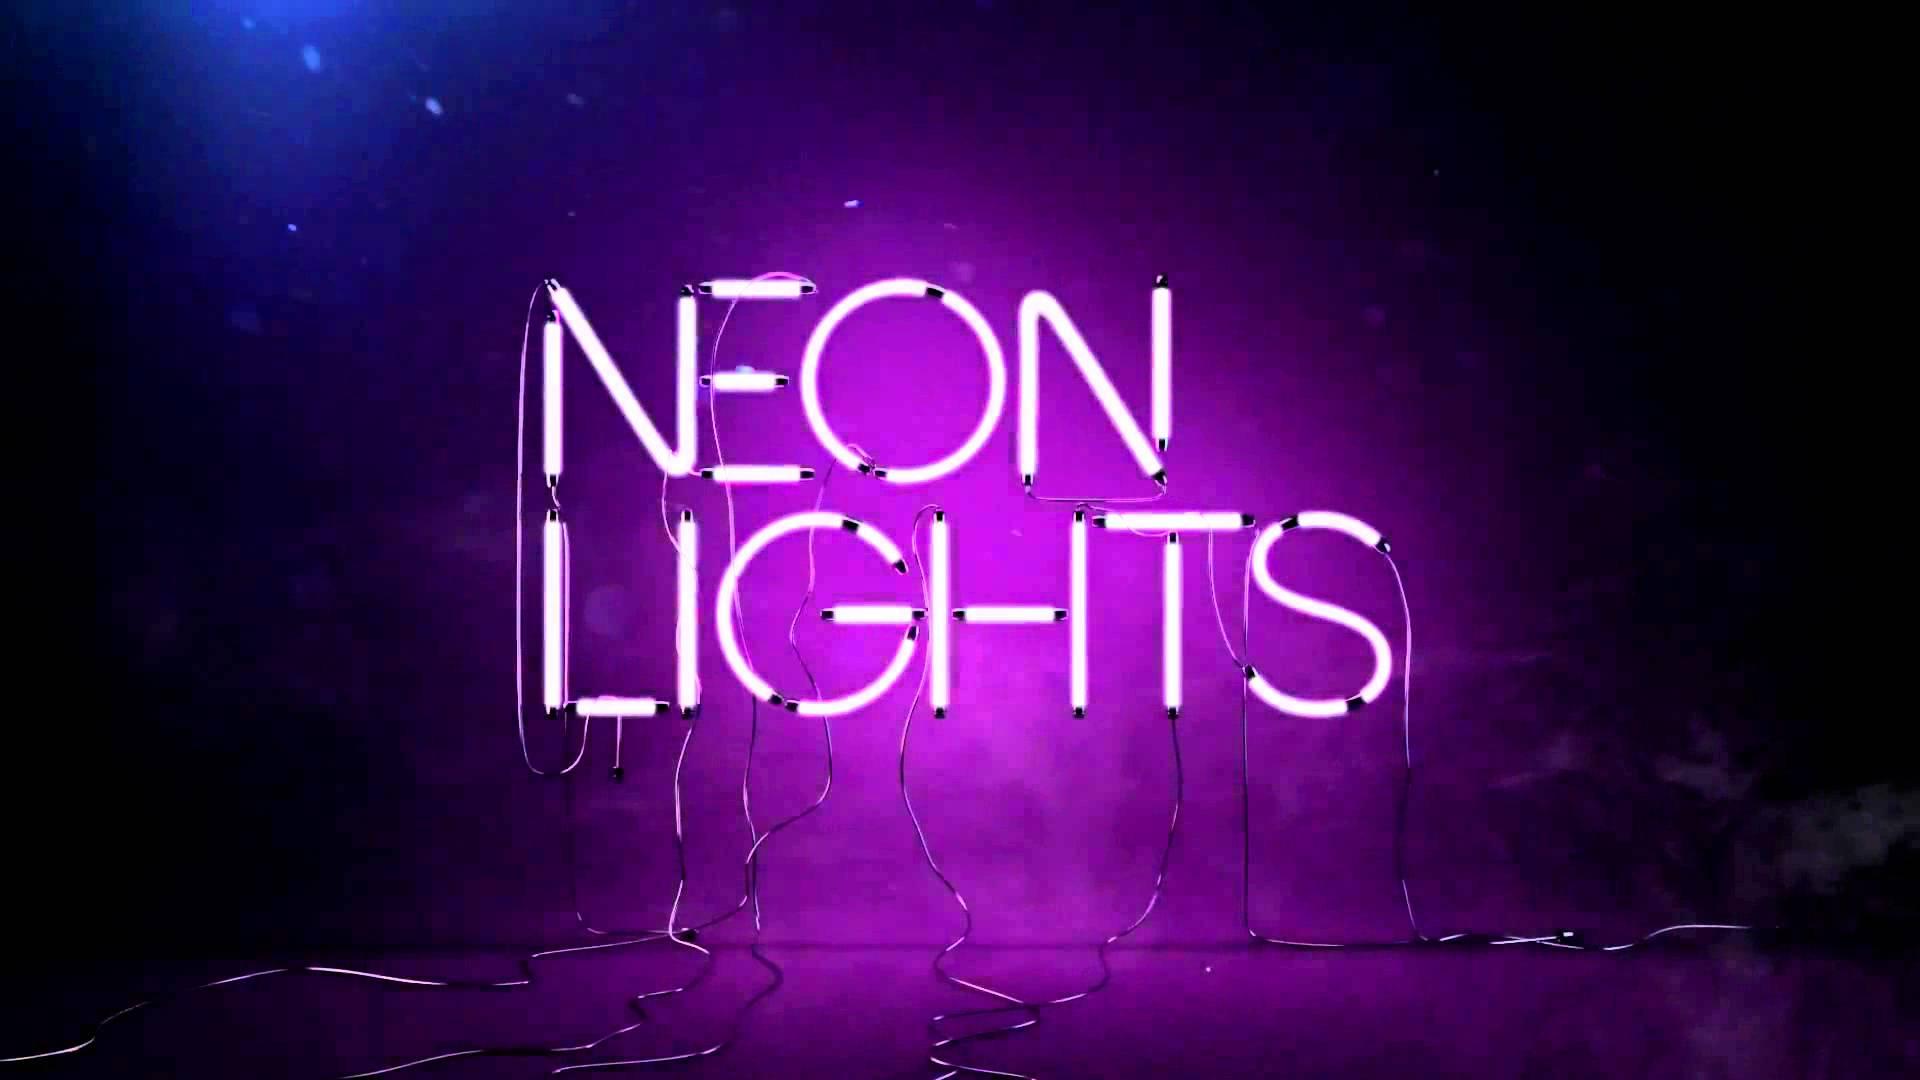 Neon Desktop Wallpapers - Top Free Neon Desktop Backgrounds